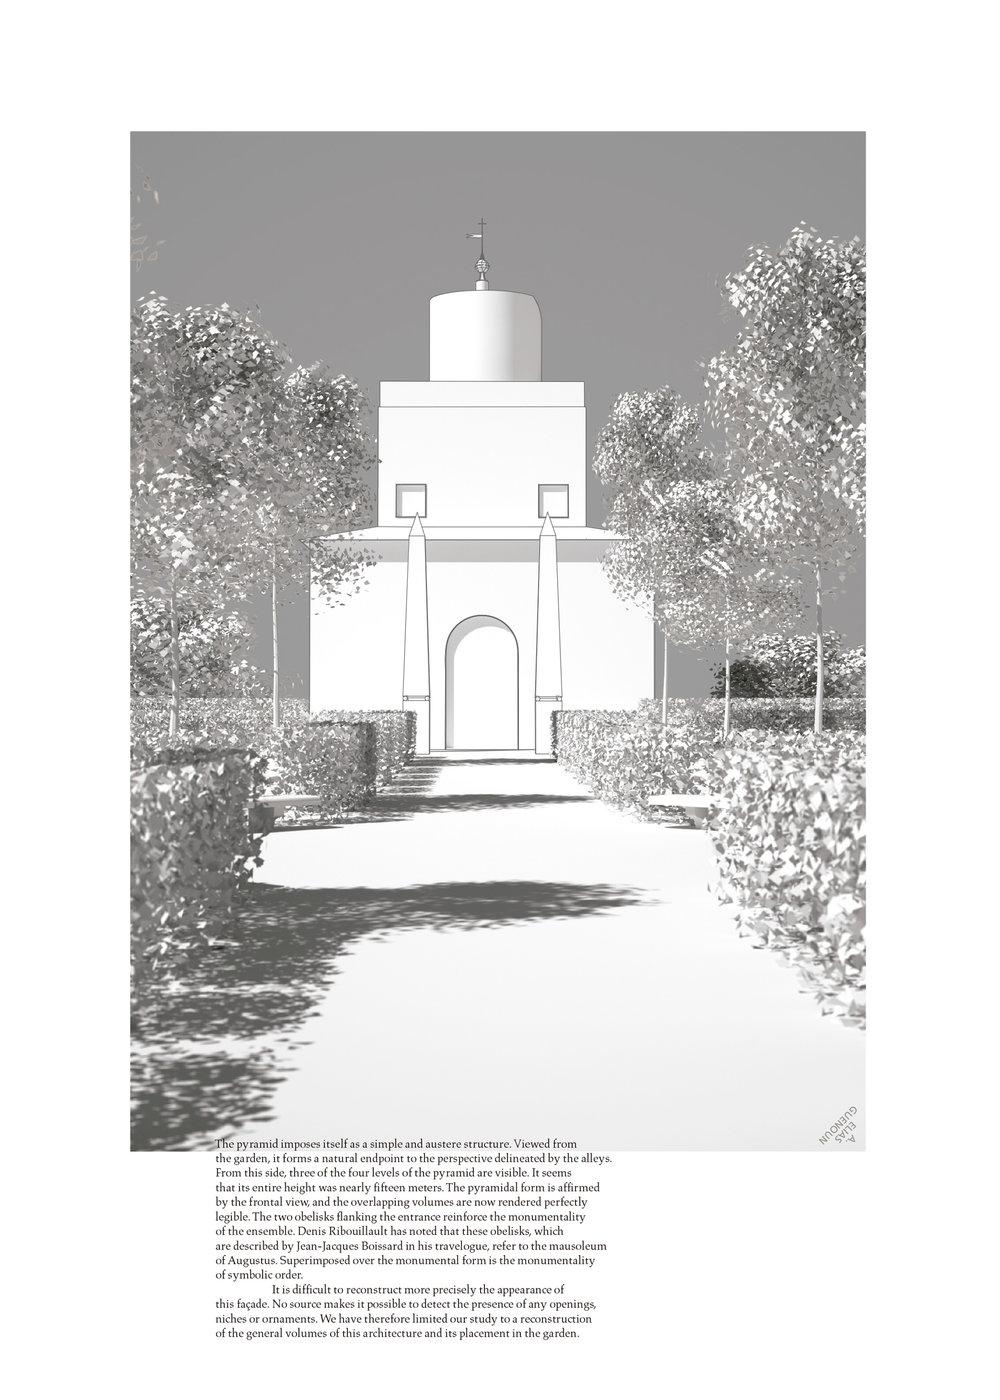 (3)-Ribouillaut-y-Elias-Guenoun,-Reconstrucción-hipotética-de-las-fachadas-norte-y-sur-de-la-Torre-de-los-Vientos-de-la-Villa-Giulia-©-Dibujo-de-Guenoun-(2010)-2.jpg